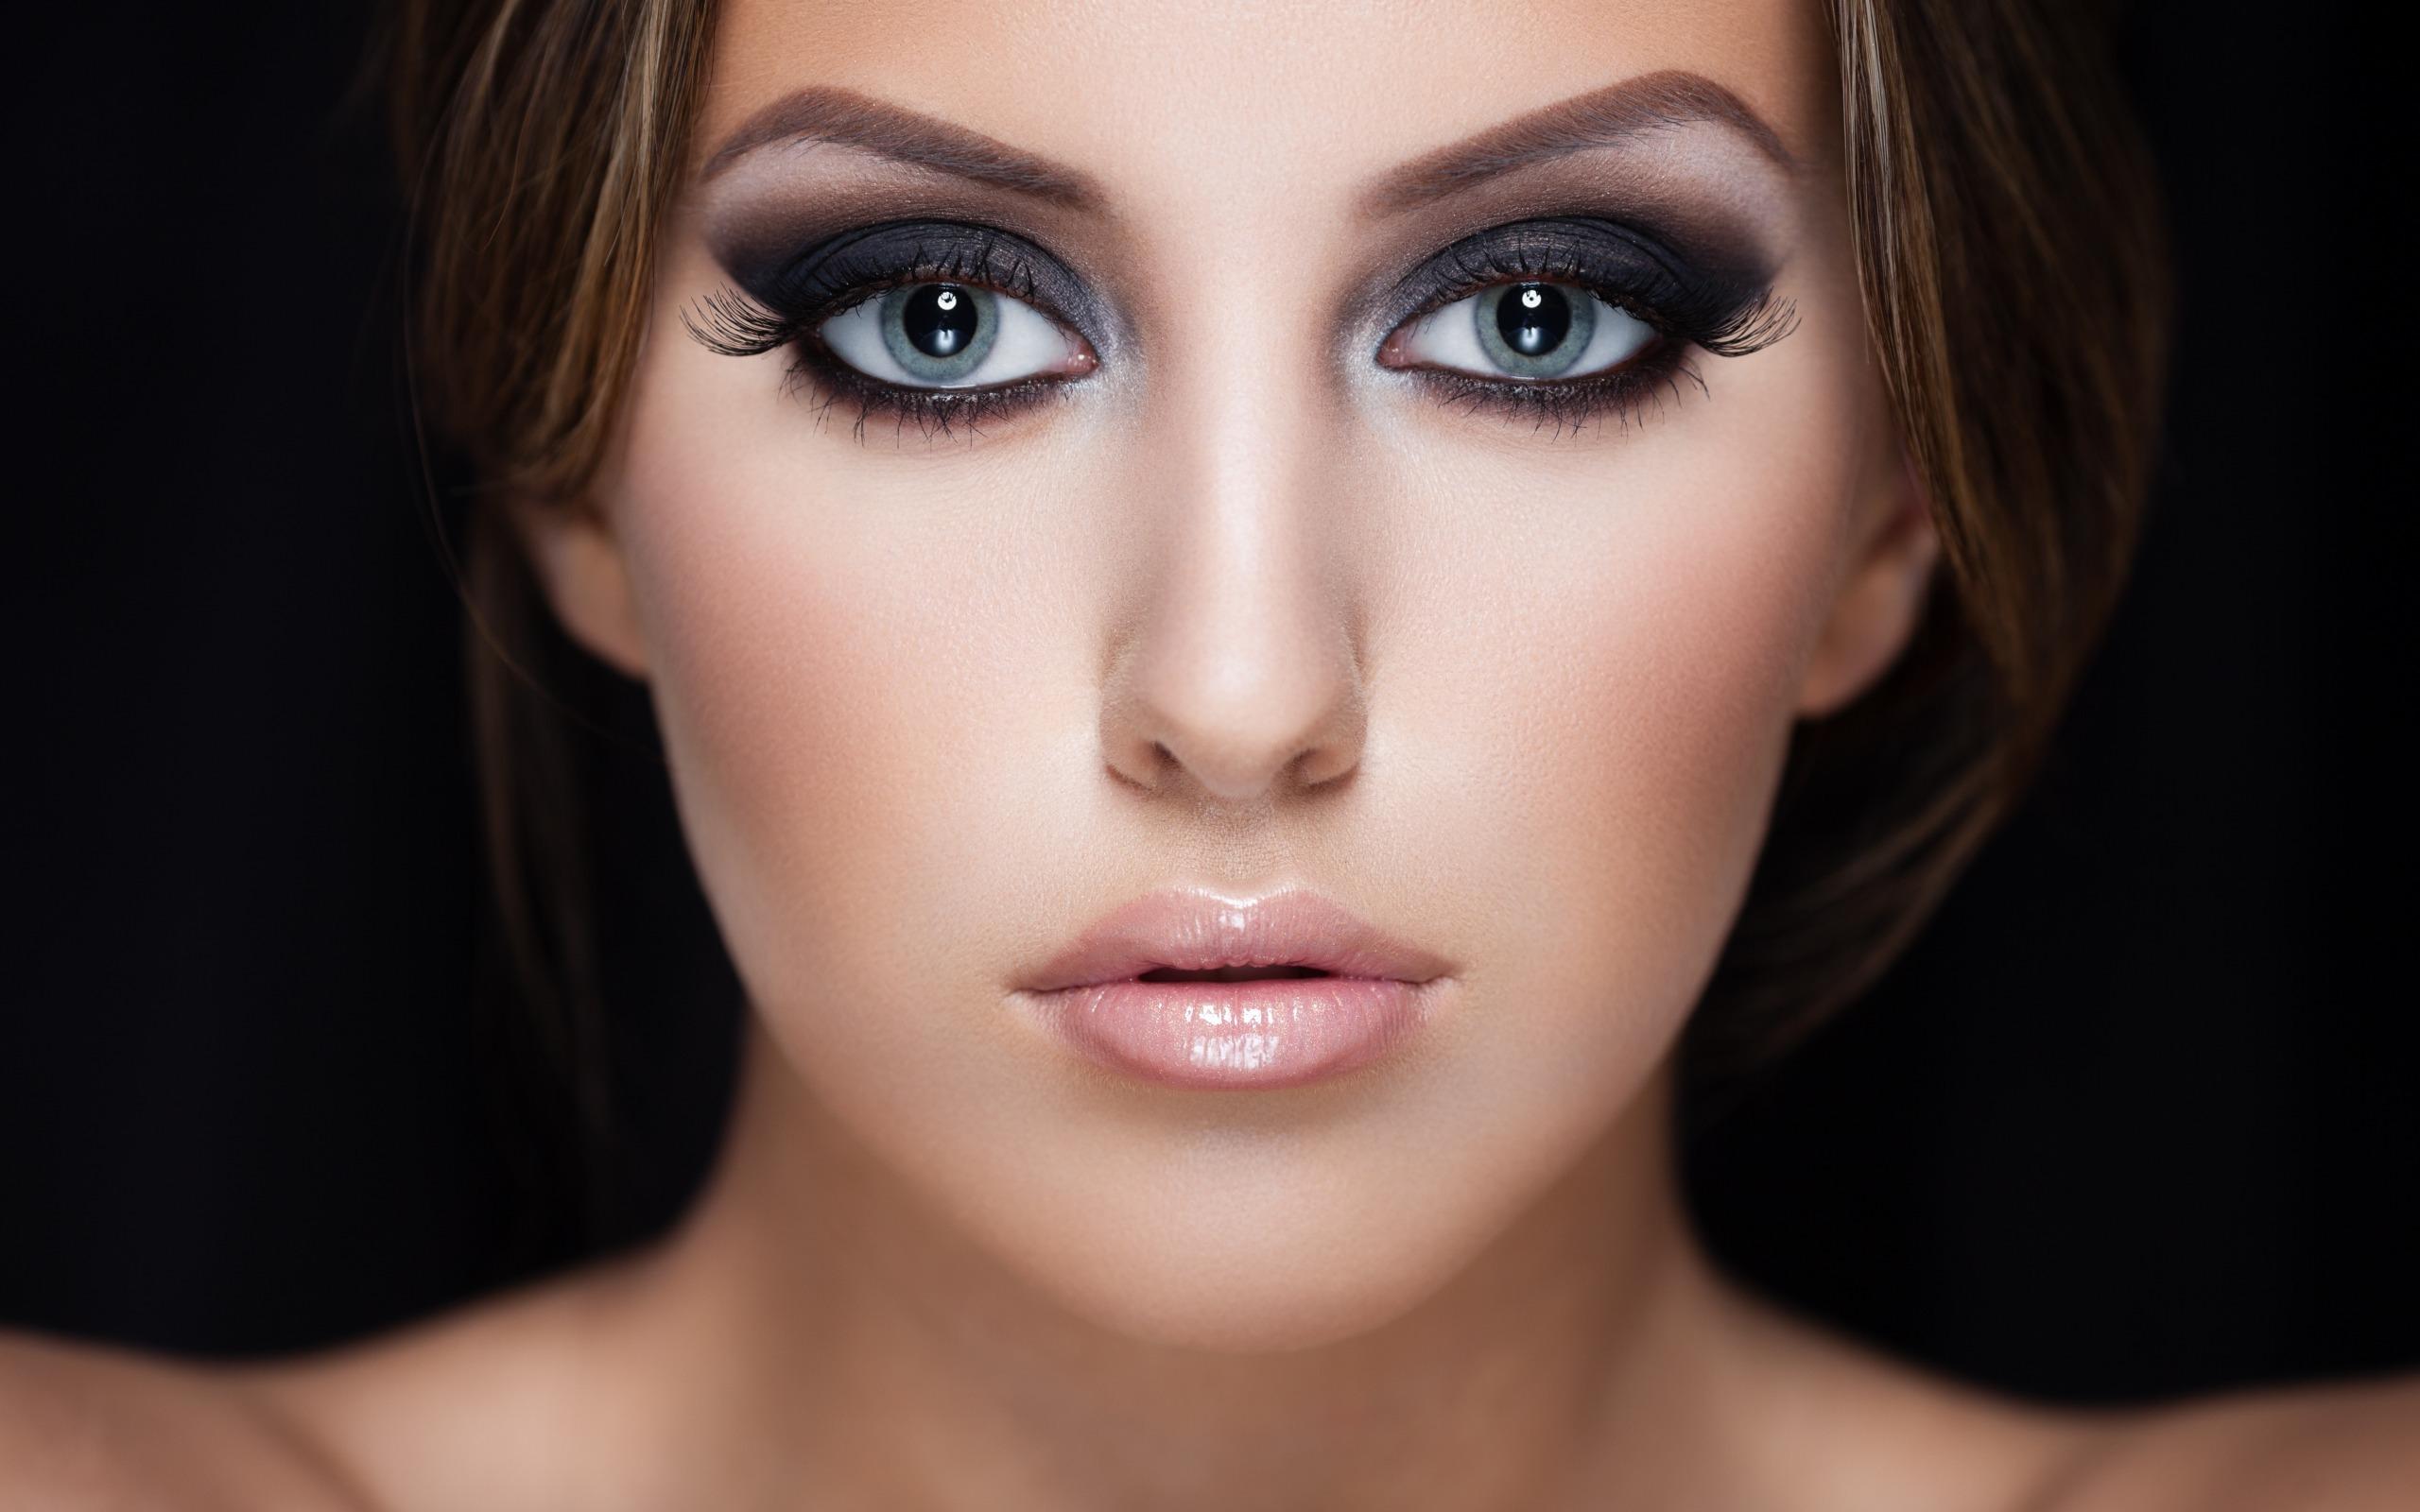 Дневной макияж: бьюти-шпаргалка